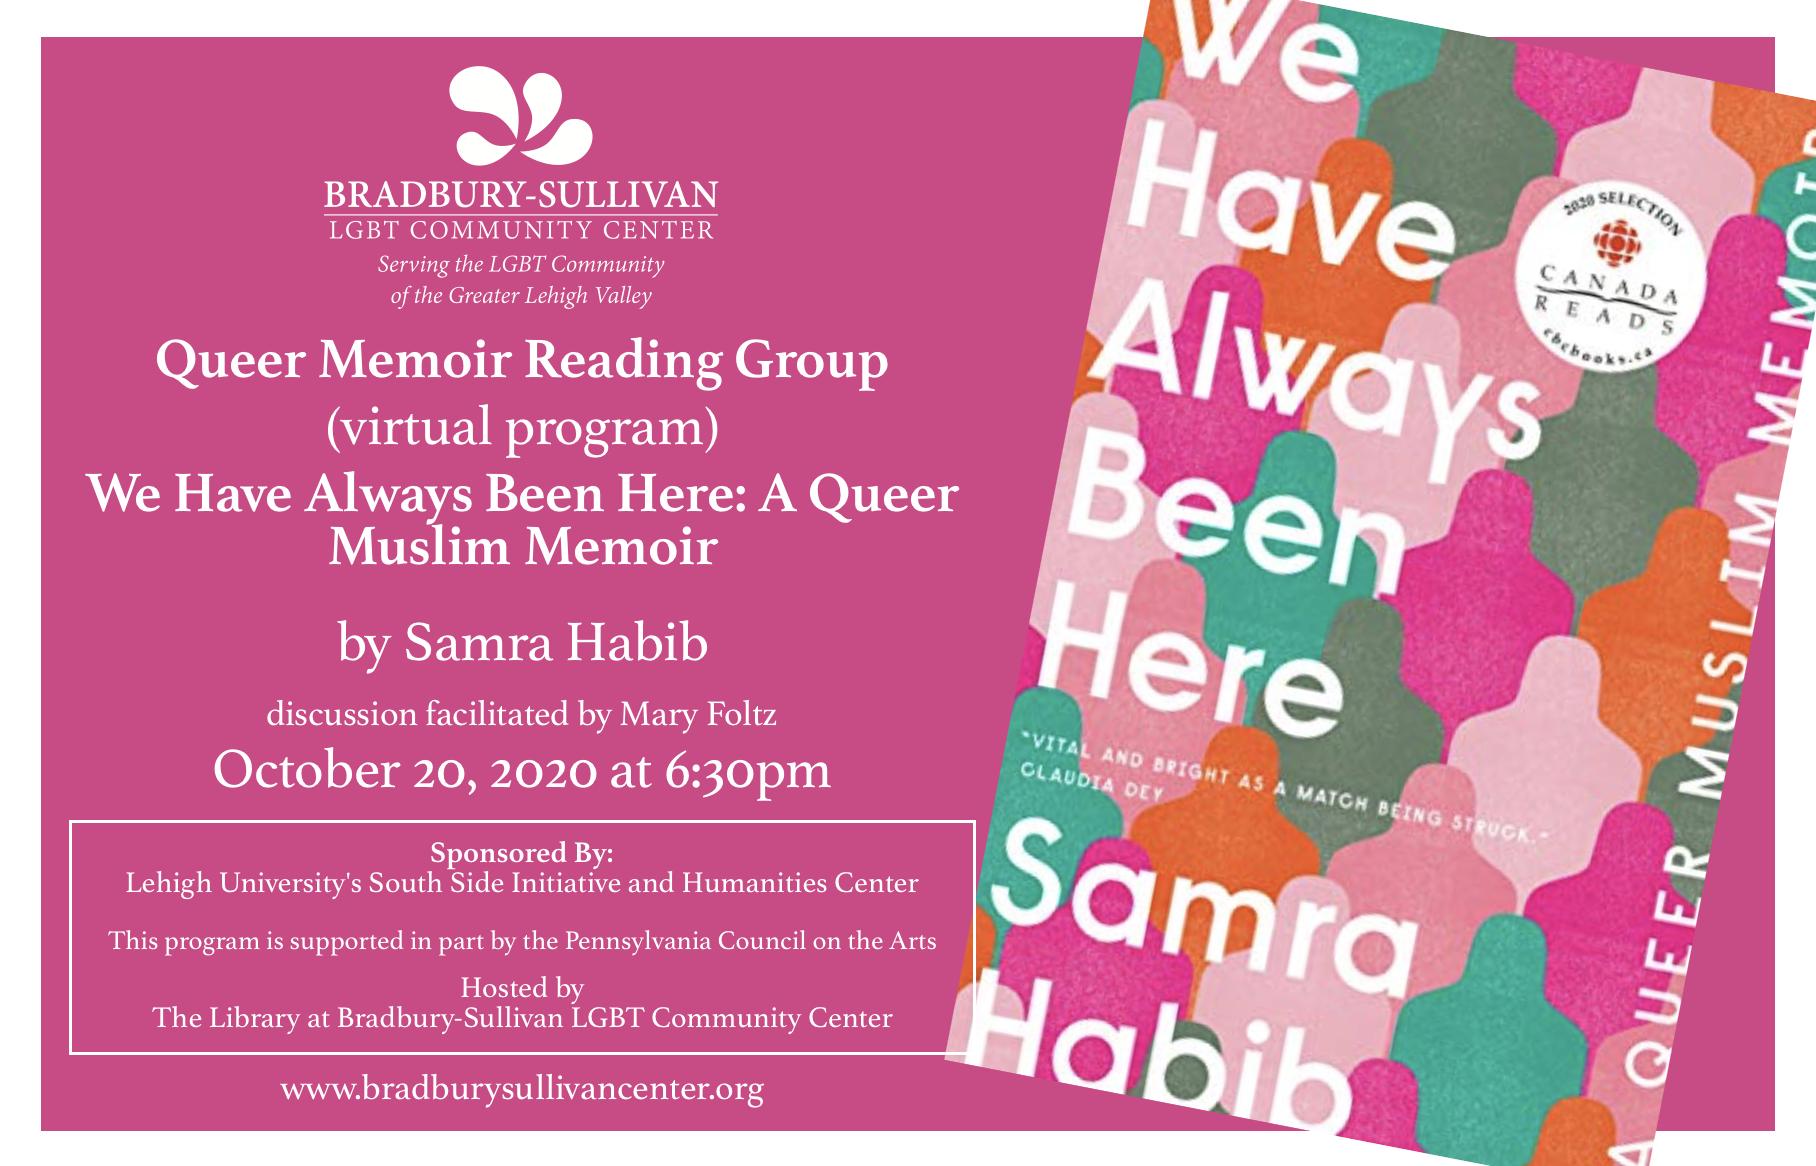 We_Have_Always_Been_Here_Queer_Memoir_Reading.png